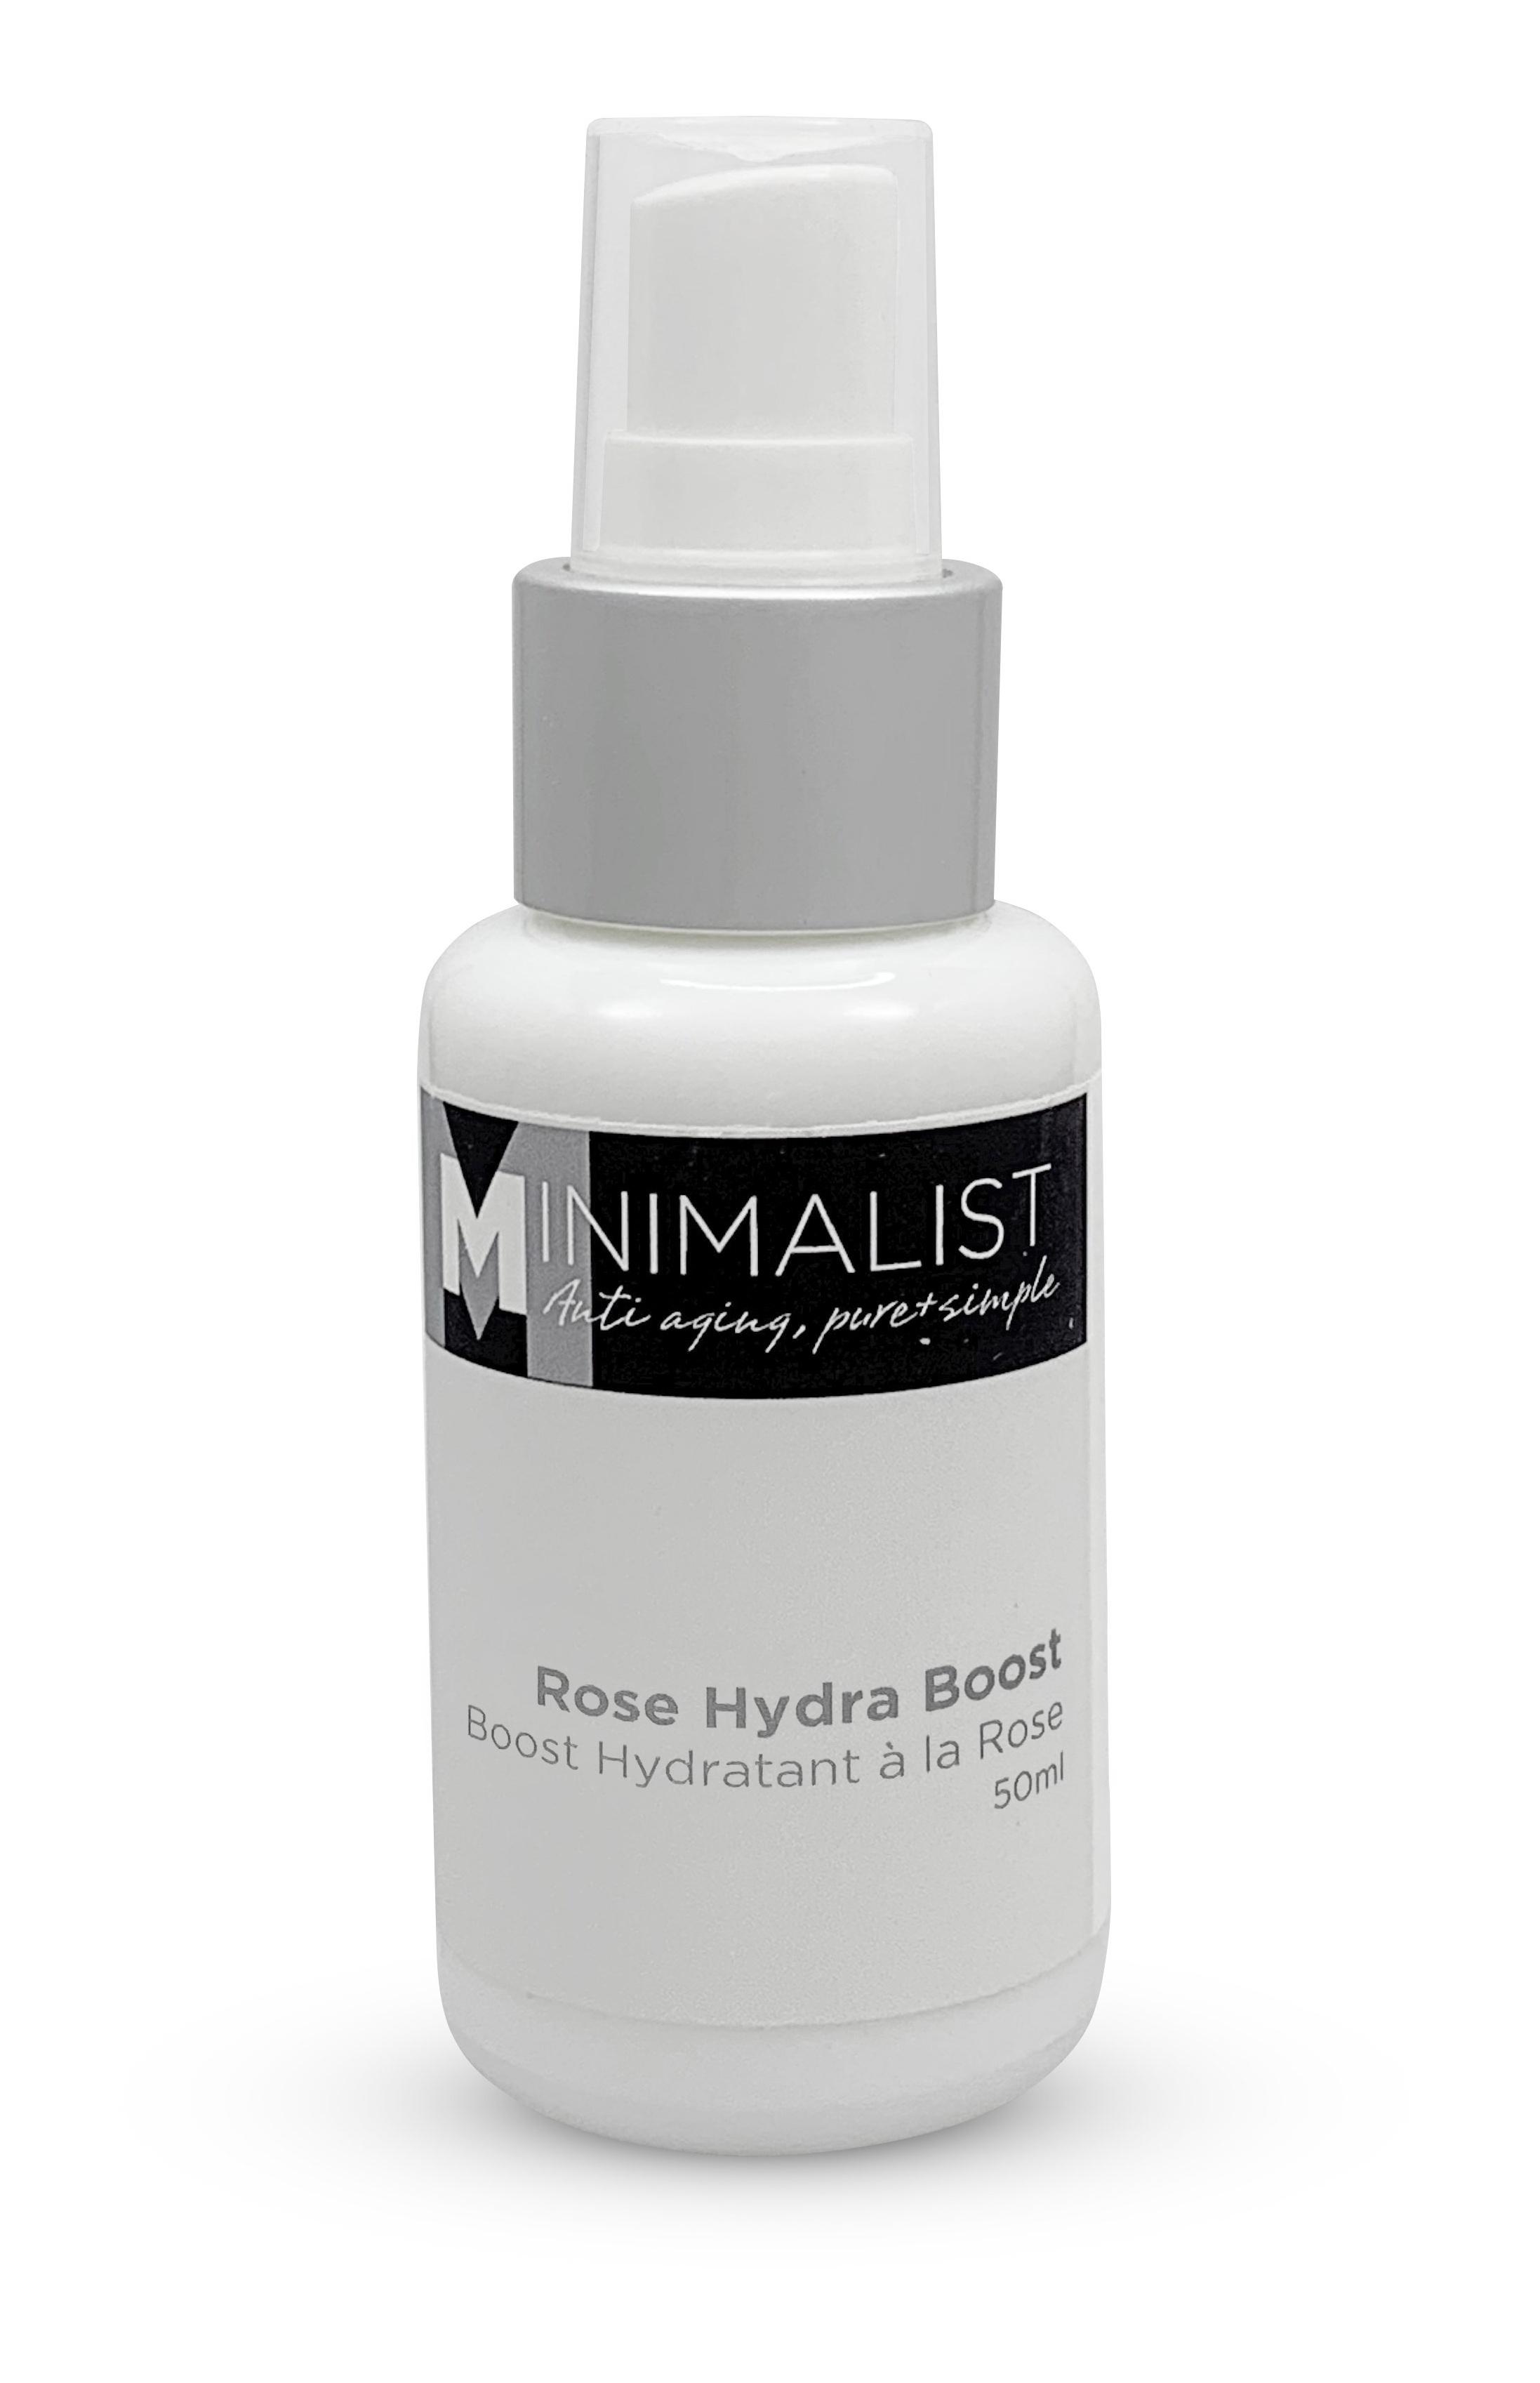 minimalist Rose Hydra Boost